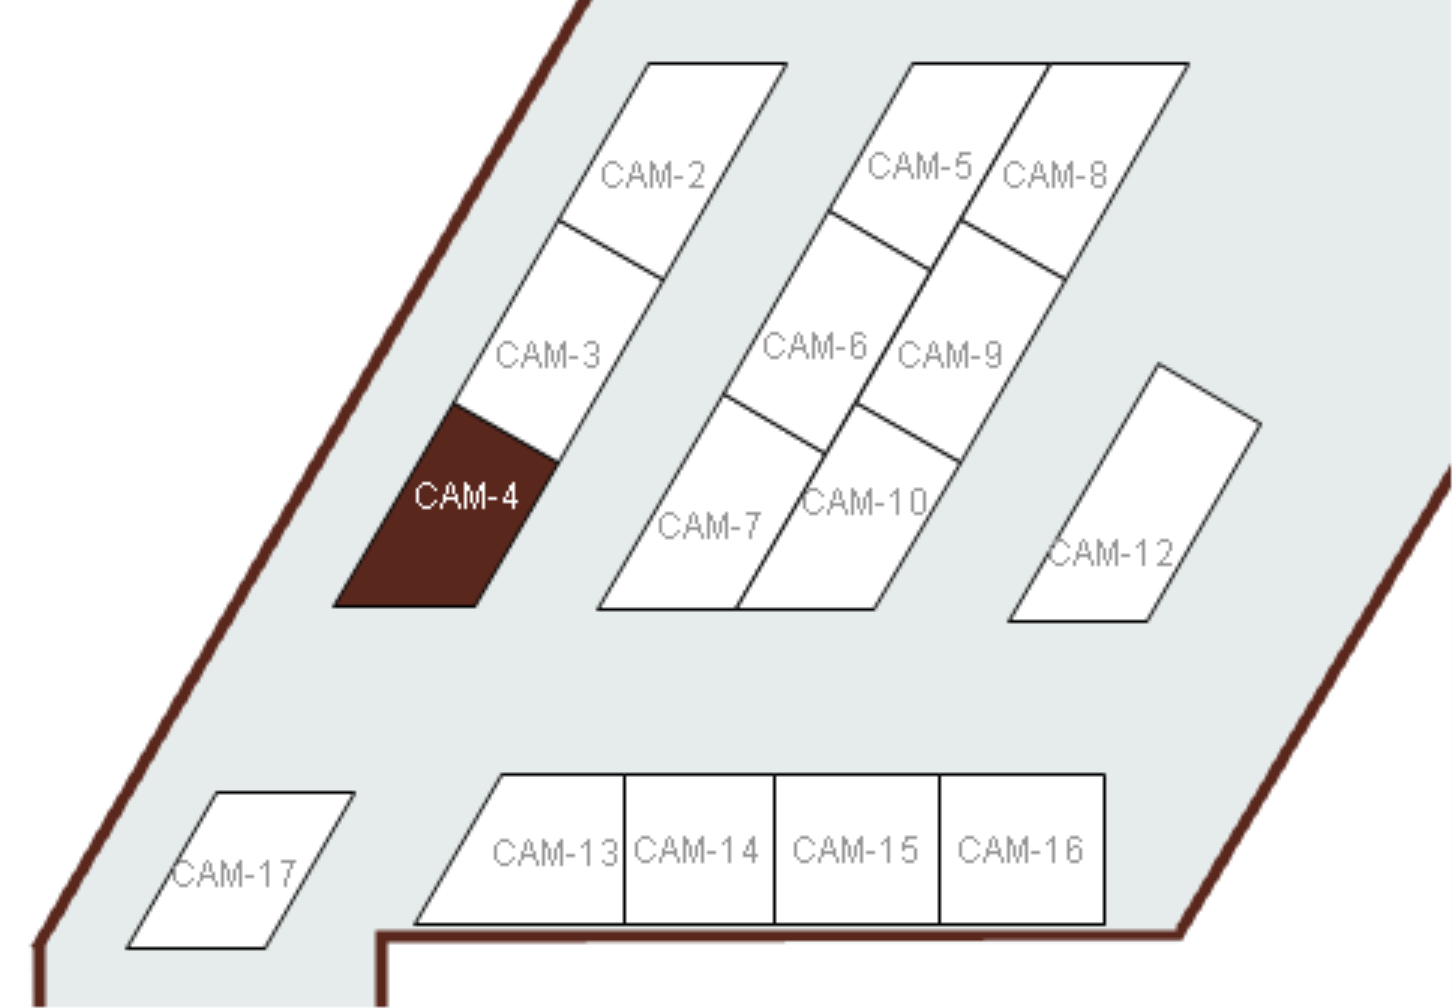 FOYWEST / CAM-4